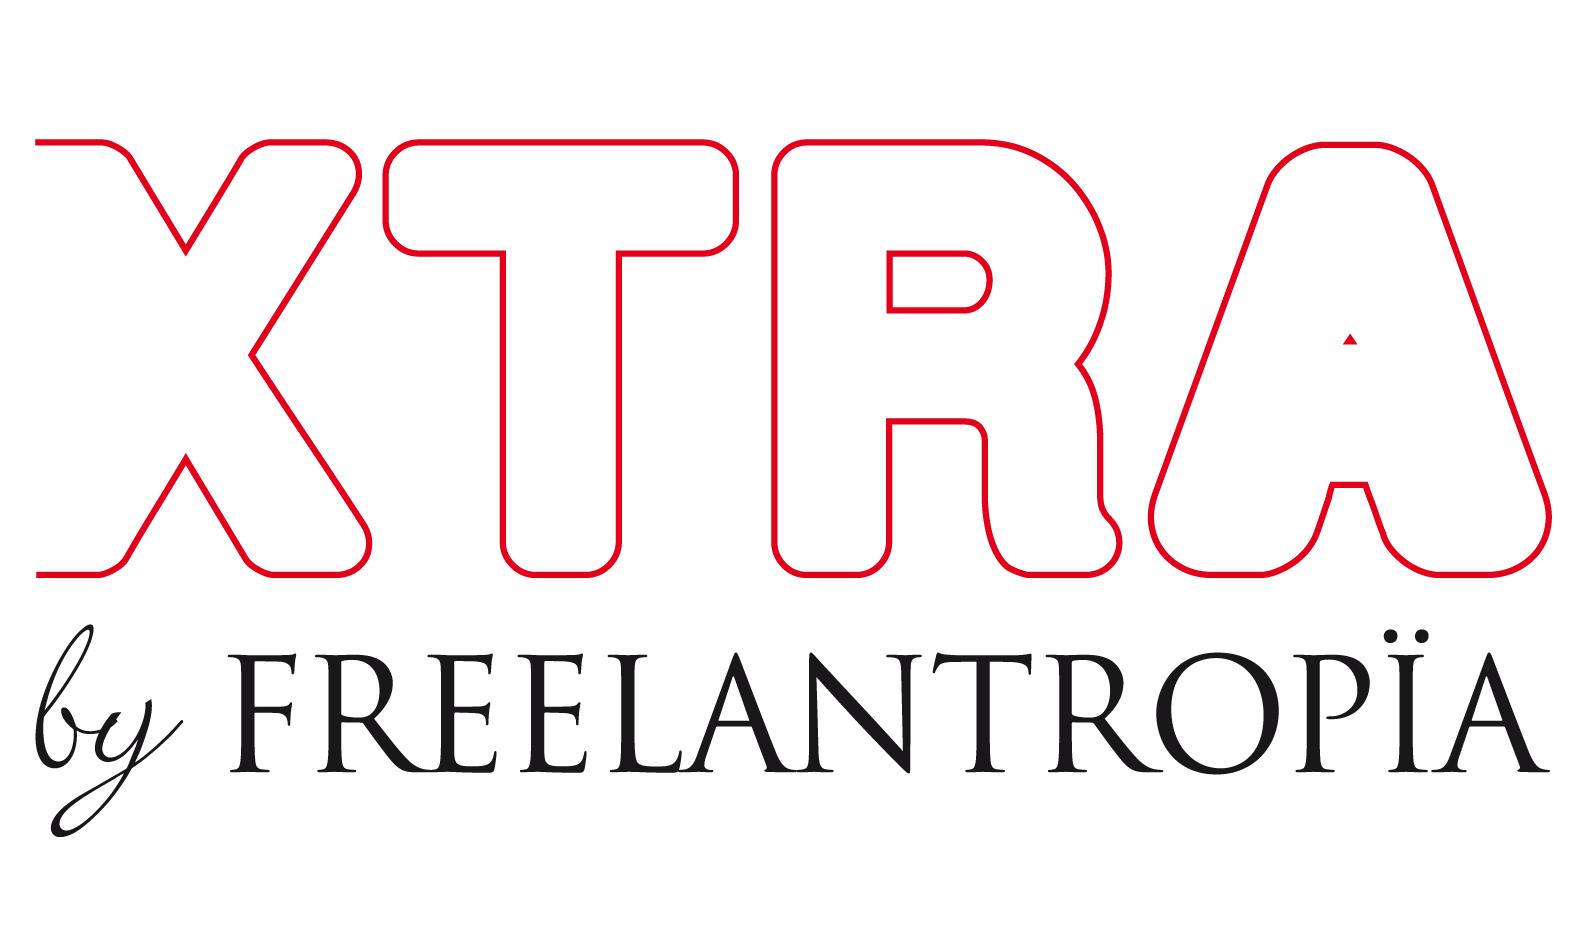 Nace xtra by freelantropia